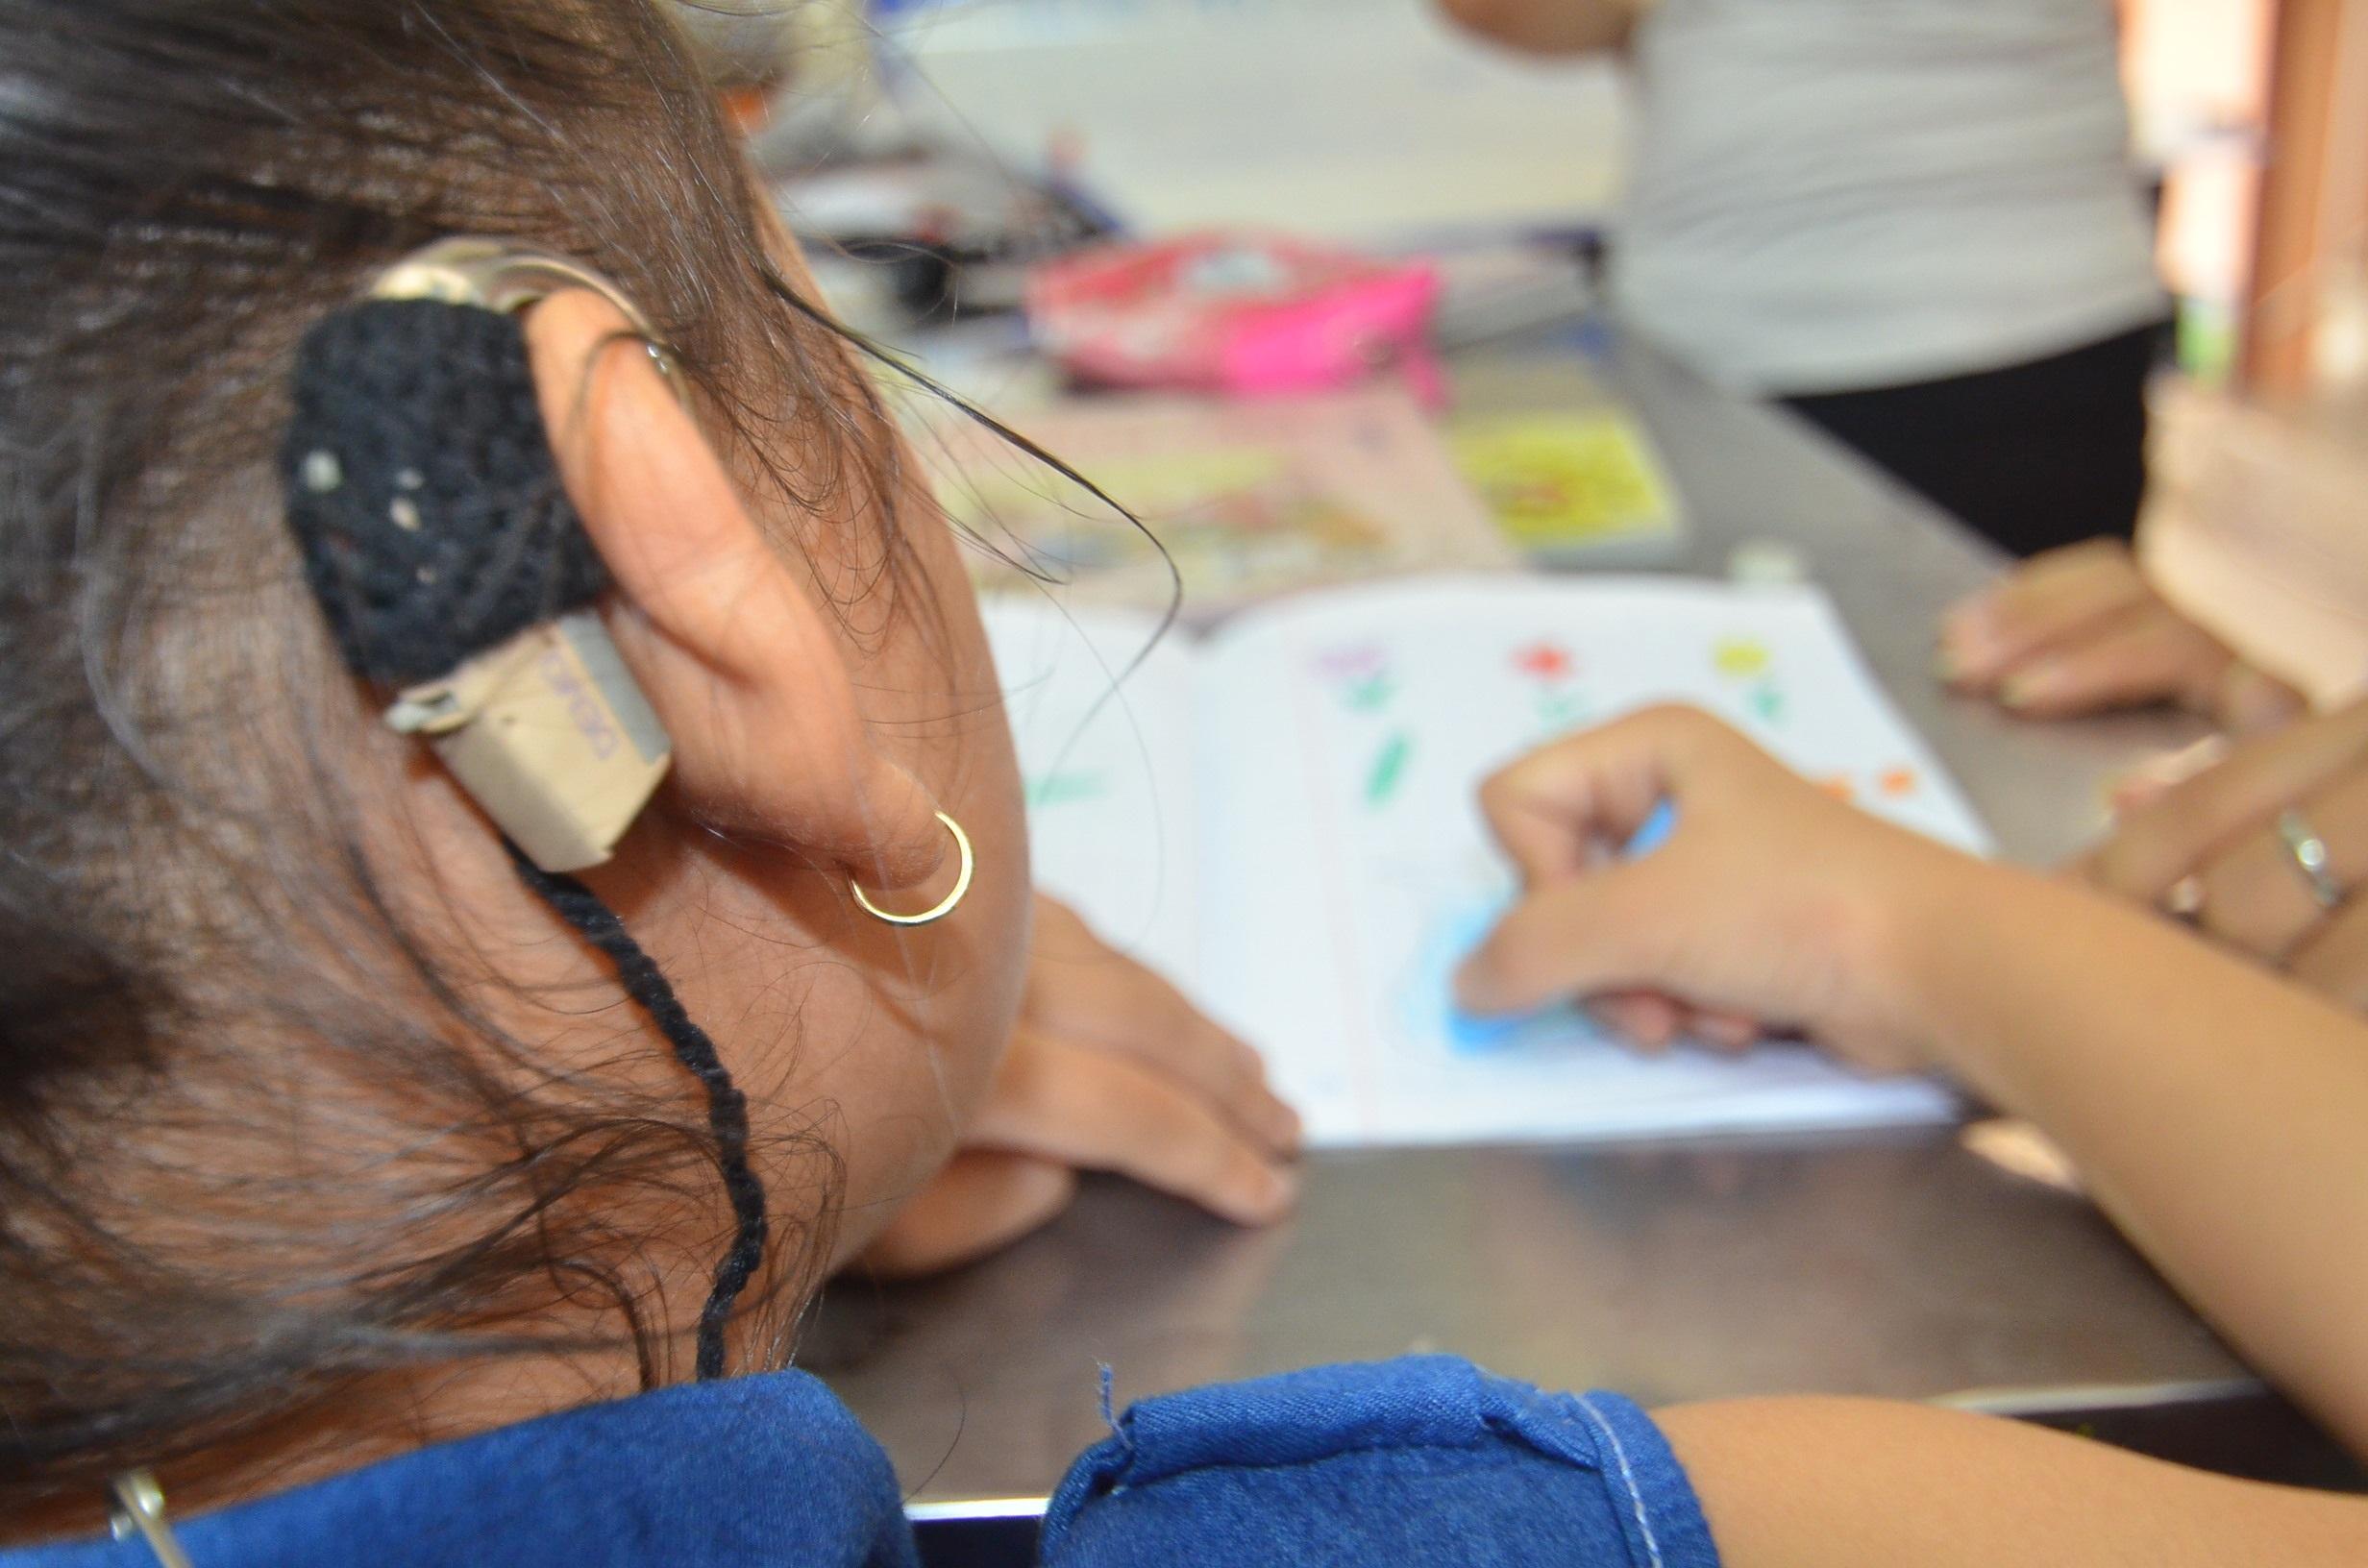 Dù có máy trợ thính, nhưng vì mất khả năng ngôn ngữ, việc học nói của trẻ khiếm thính rất khó khăn